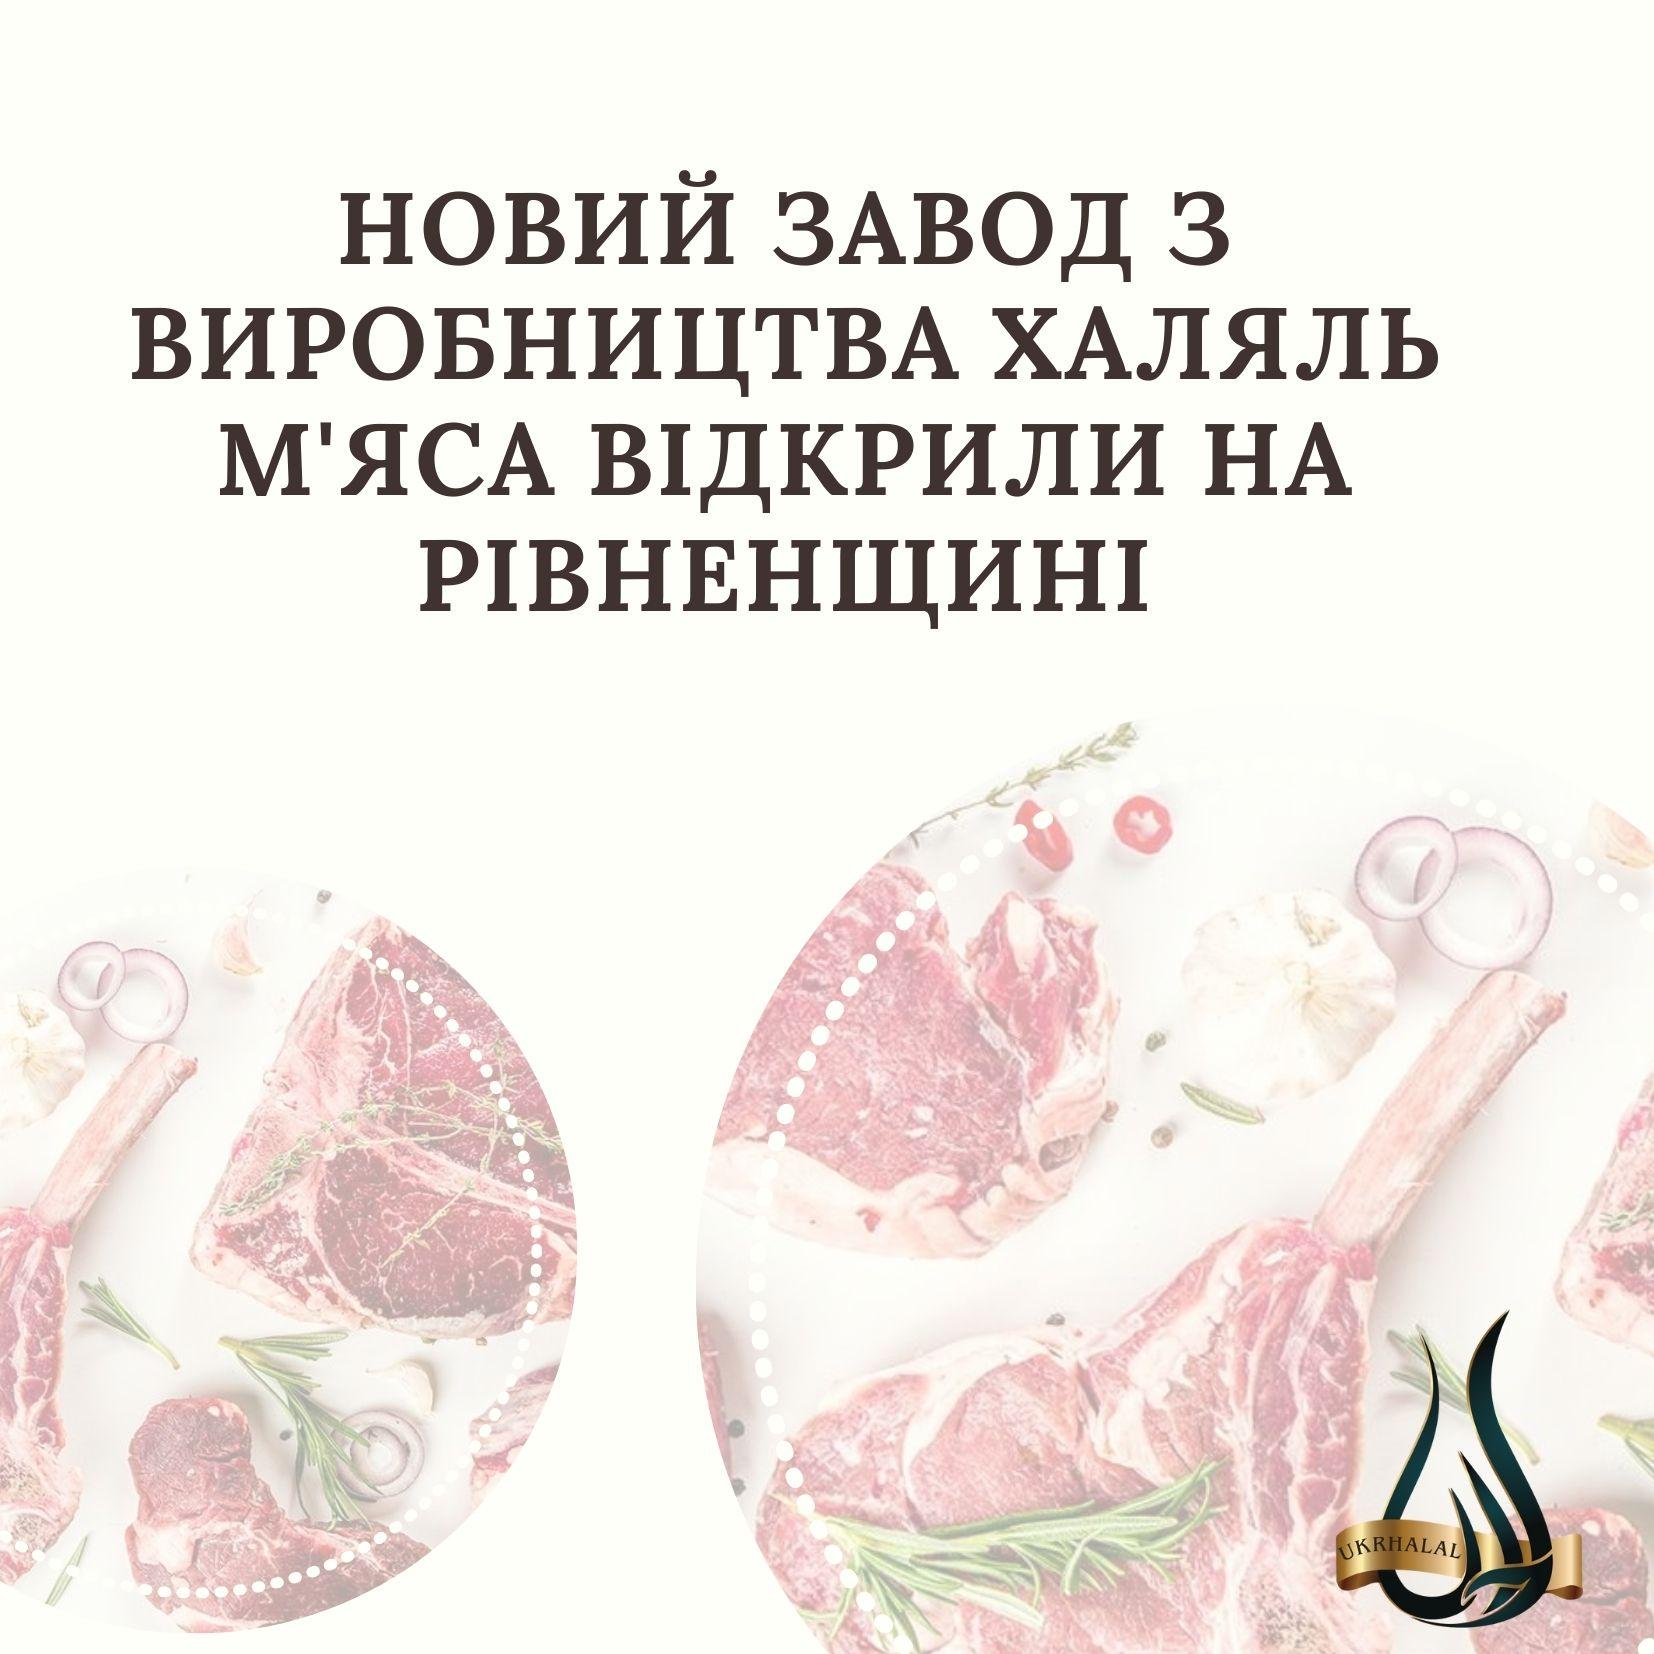 VIII Міжнародна Виставка OIC Halal Expo»